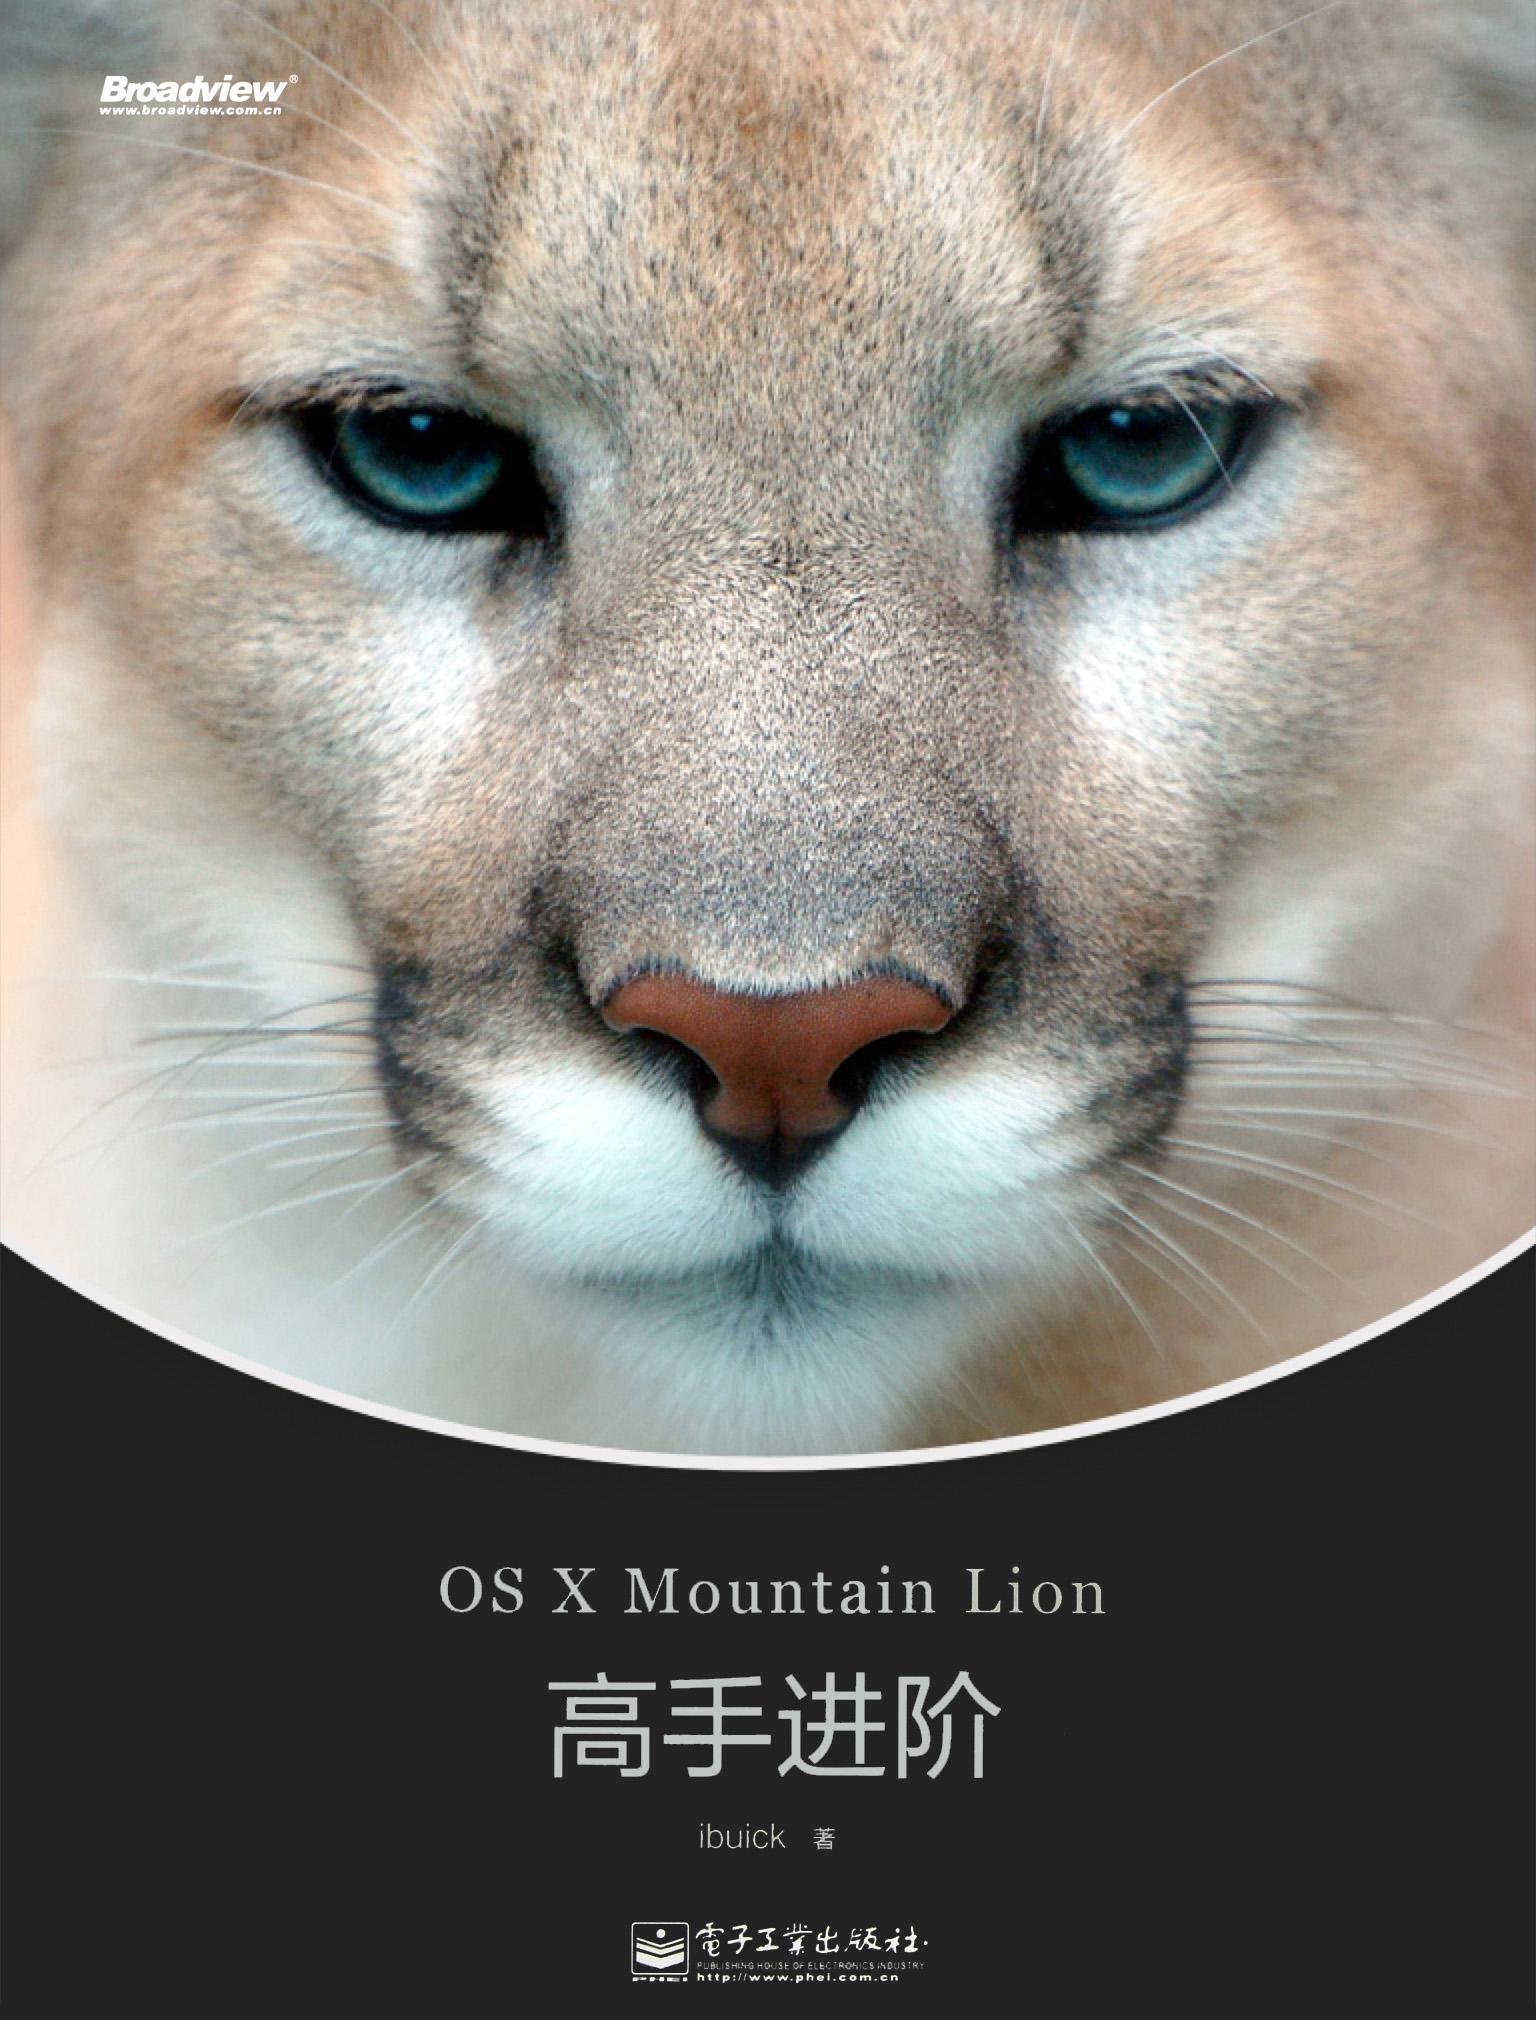 OS X Mountain Lion 高手进阶